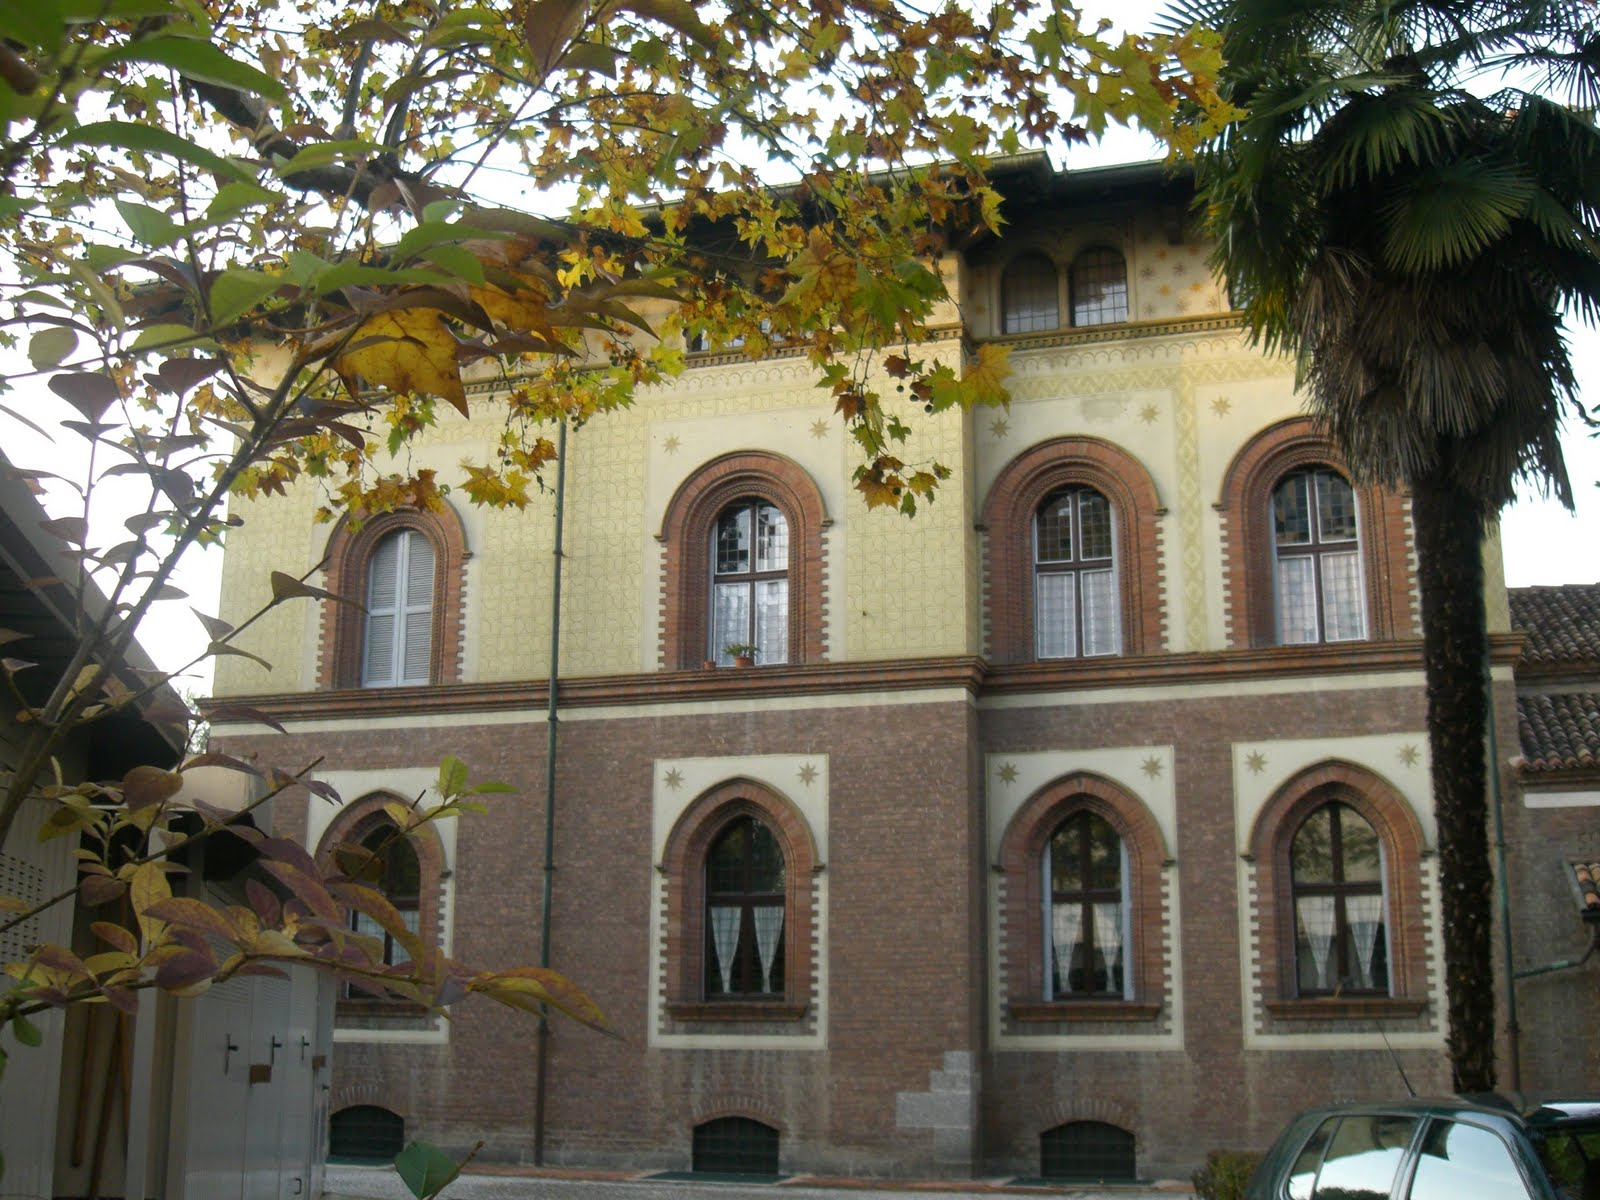 La chiesa-palazzina di San Siro alla Vepra, ovvero la Villa Triste di Milano, in via Paolo Uccello. In questo luogo Pietro Koch e i suoi rinchiusero e seviziarono un centinaio di sospettati partigiani